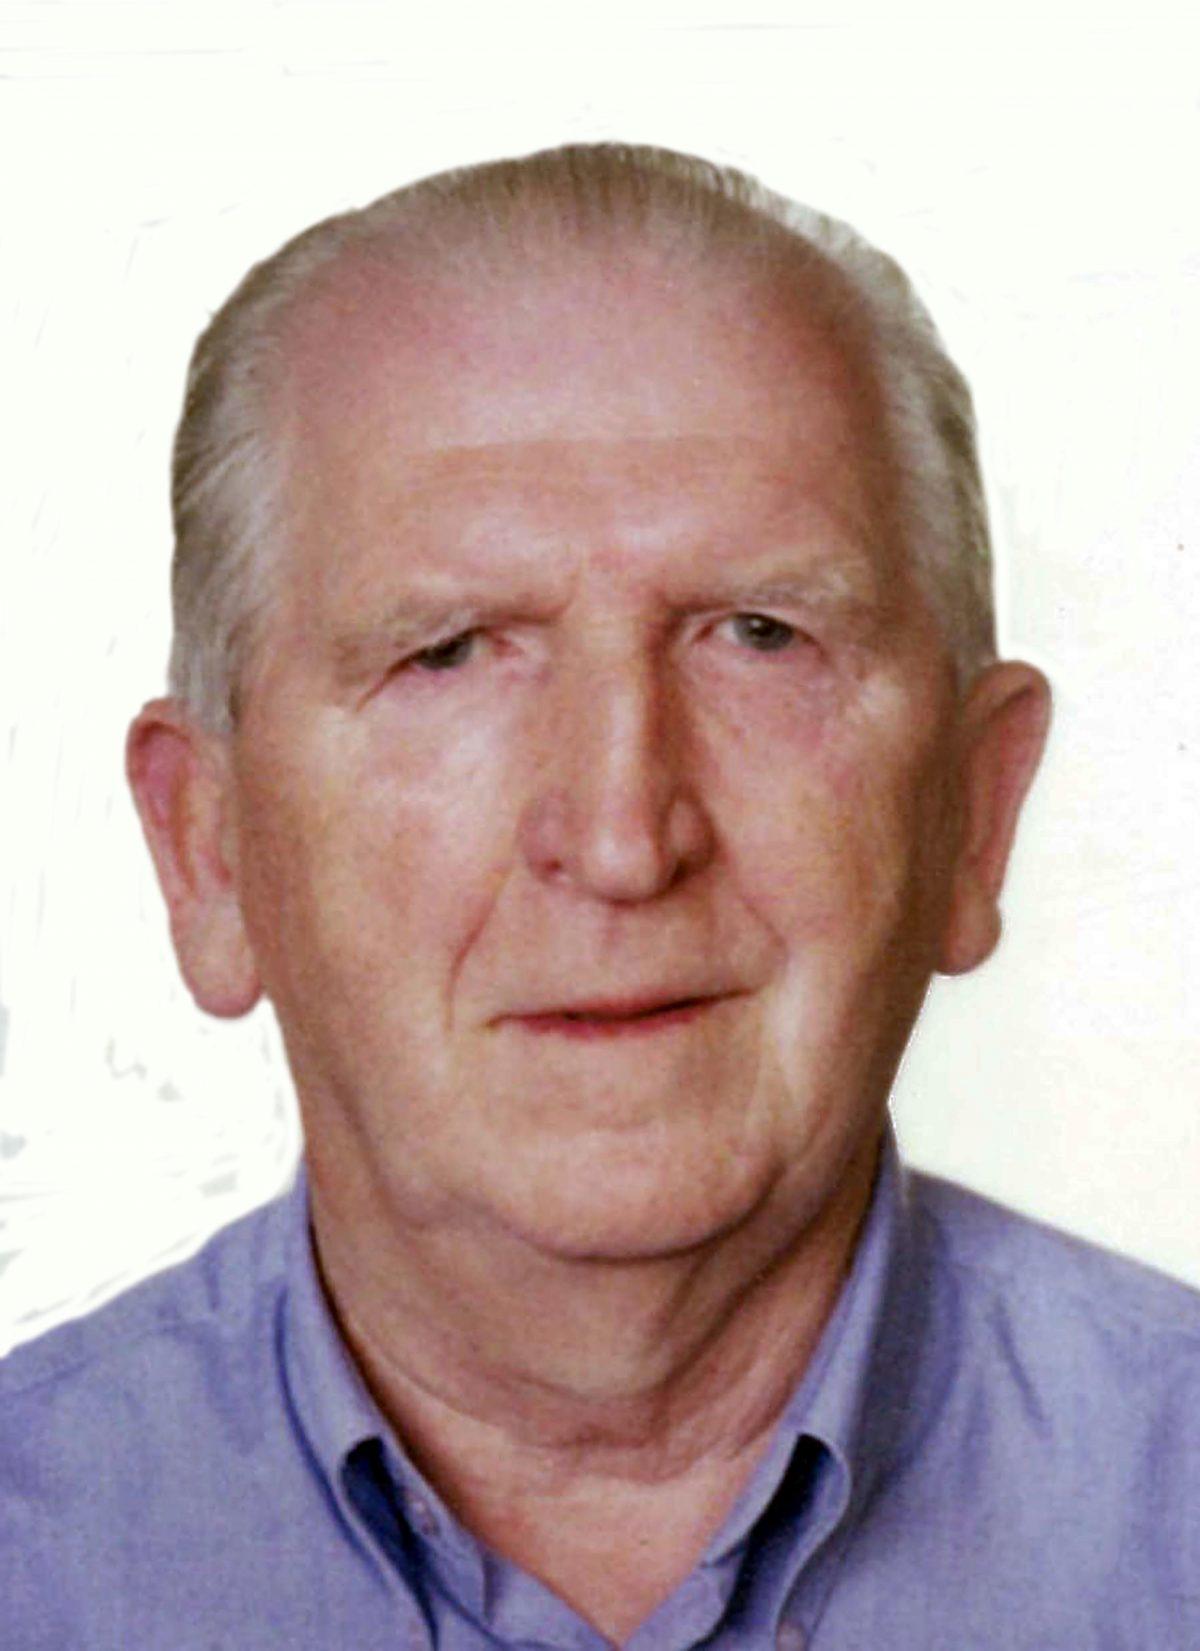 Paul Baerten